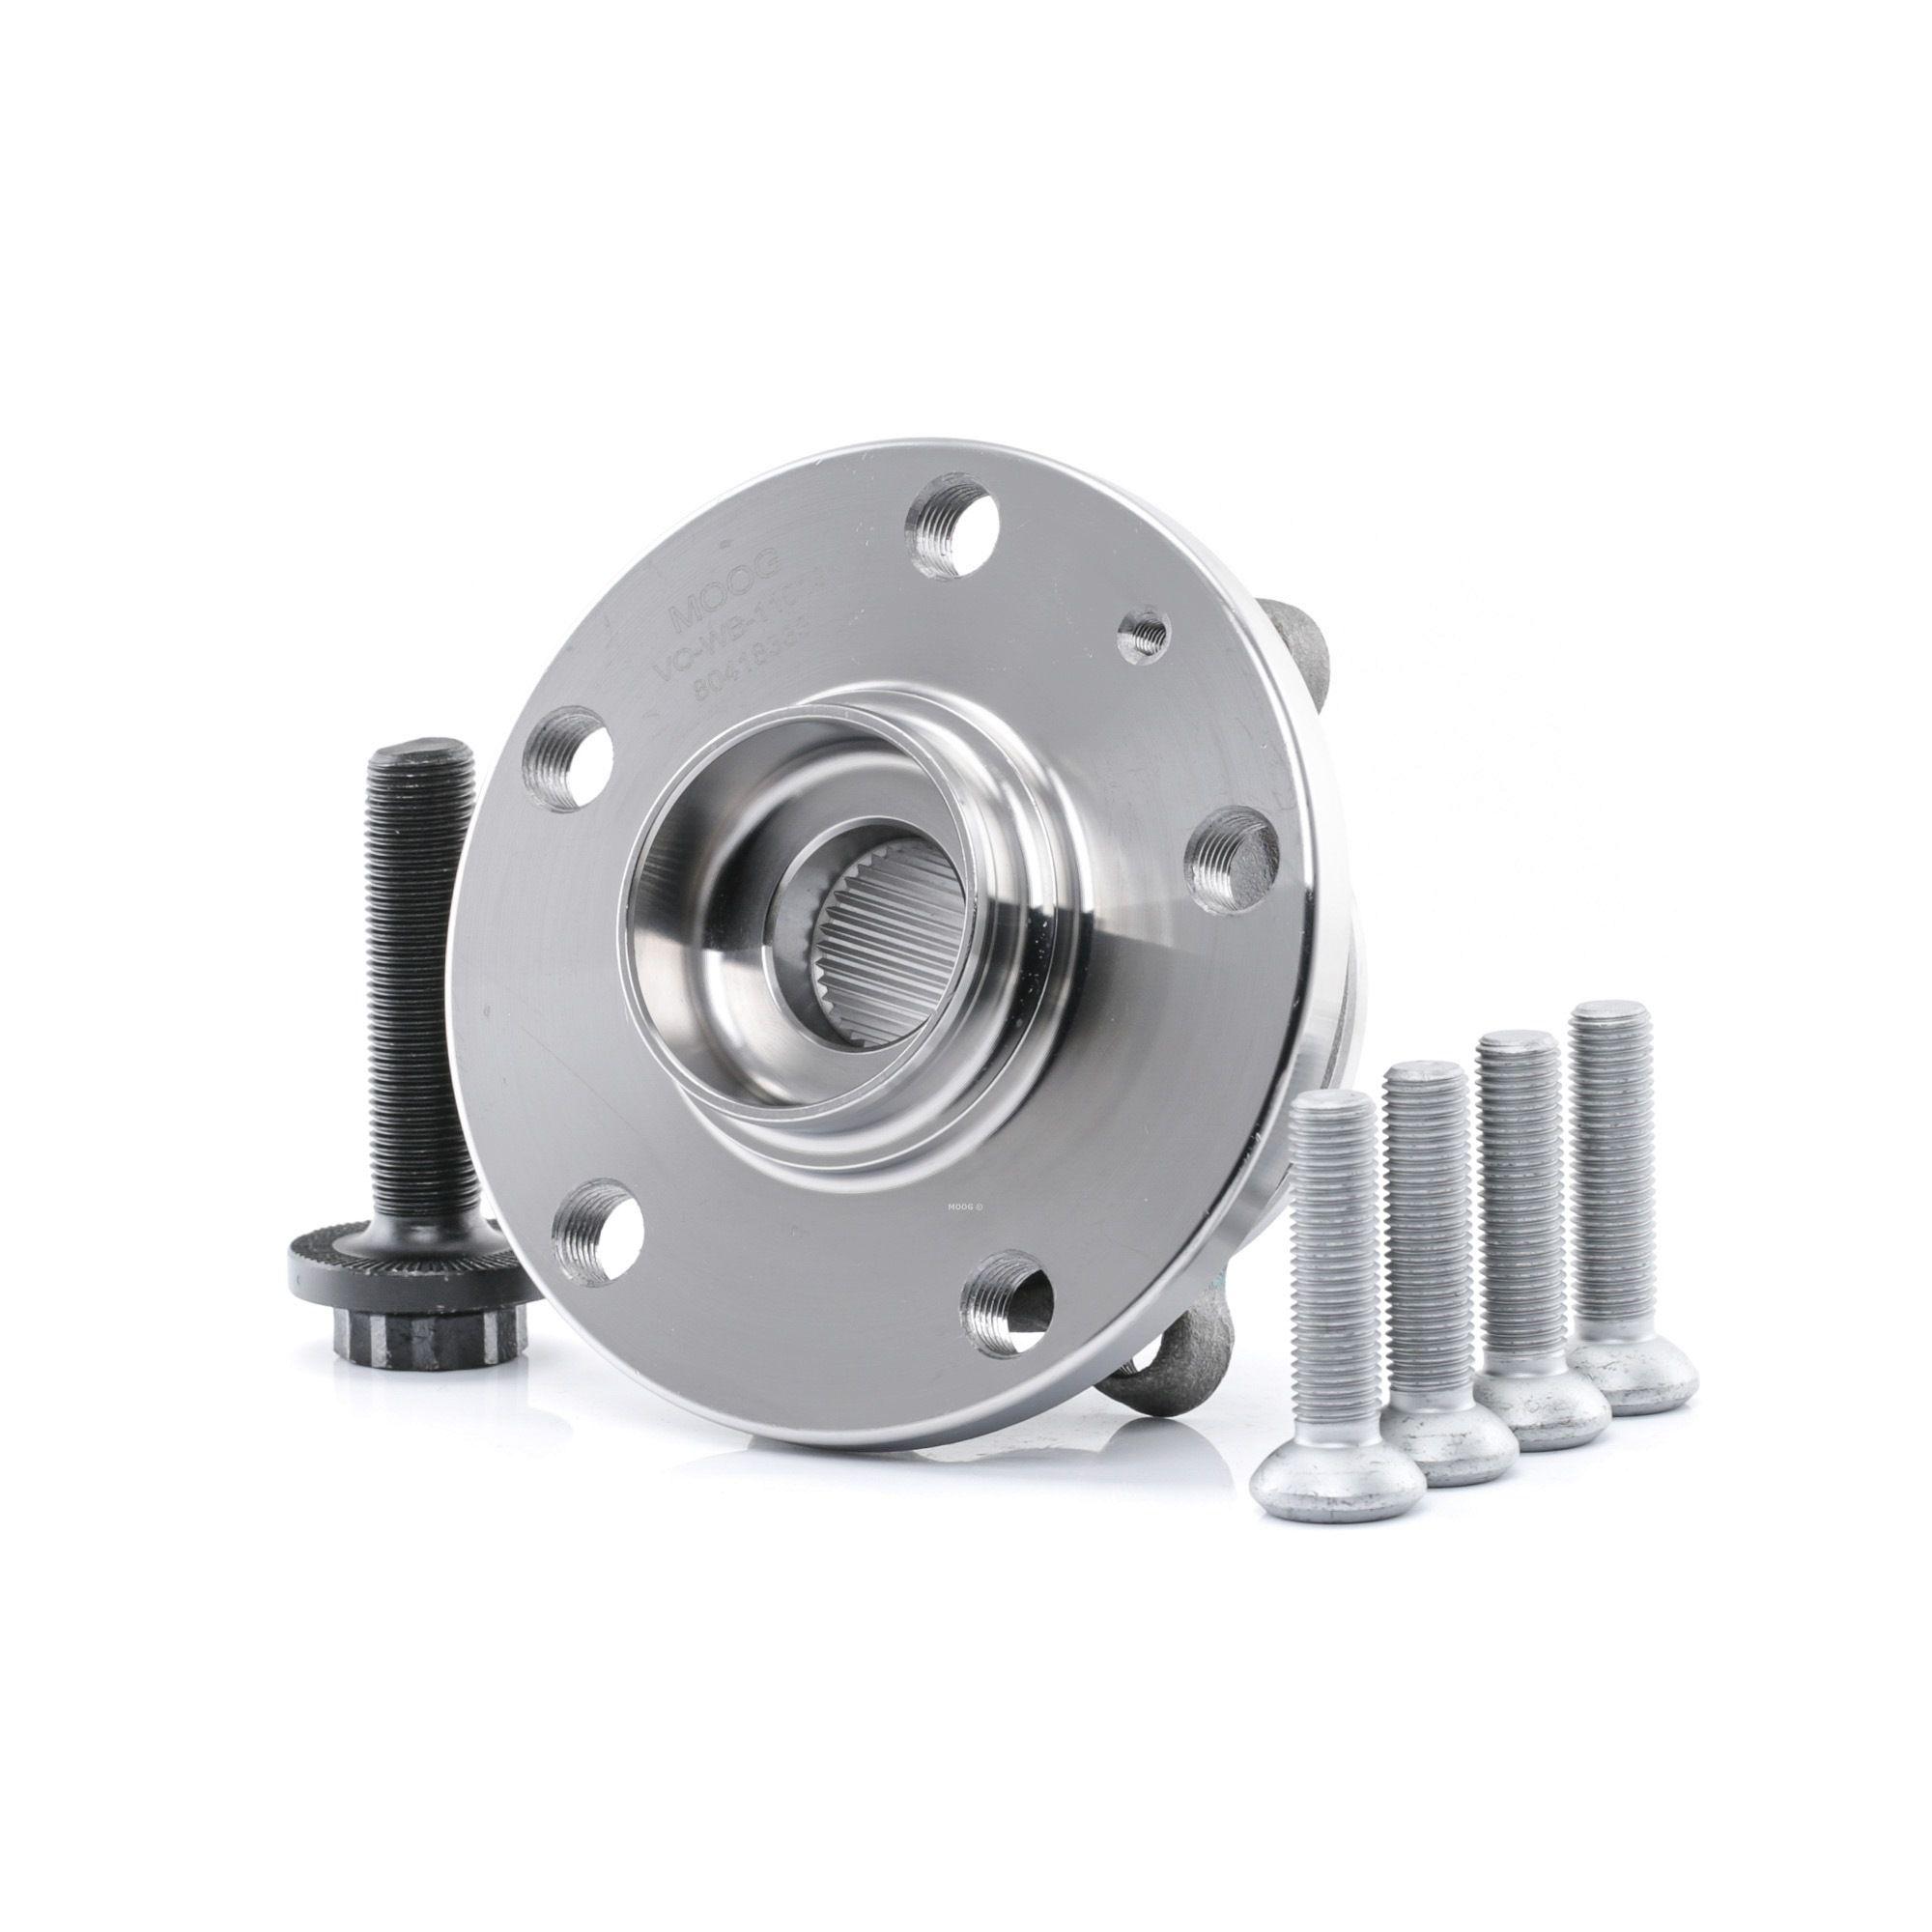 VO-WB-11019 MOOG mit integriertem magnetischen Sensorring Radlagersatz VO-WB-11019 günstig kaufen